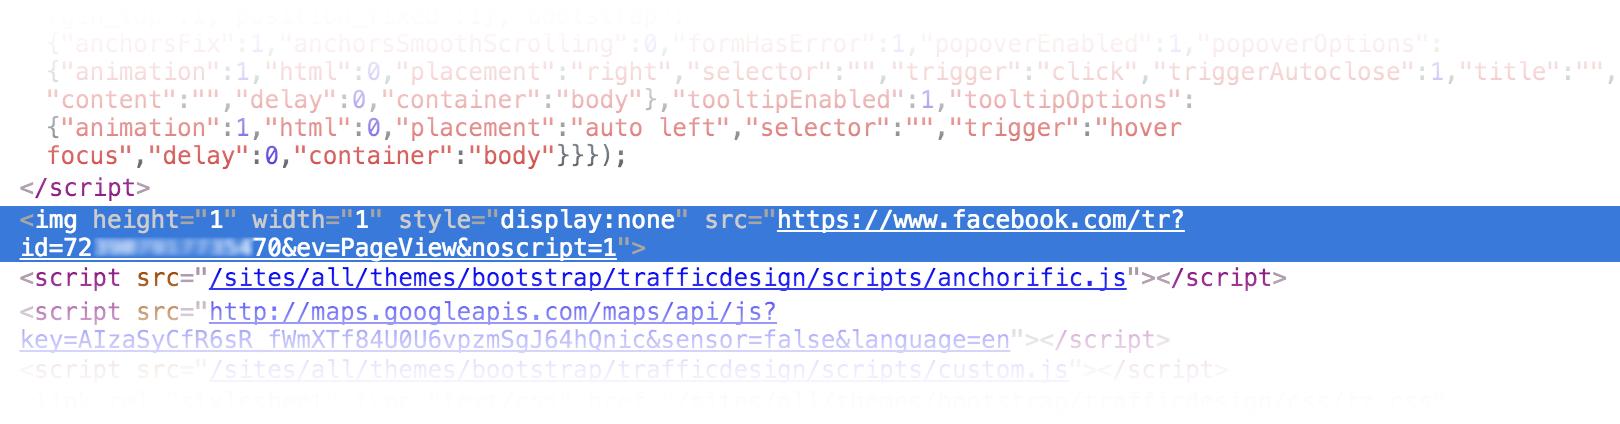 Implementation des Facebook Pixel via <img> Tag